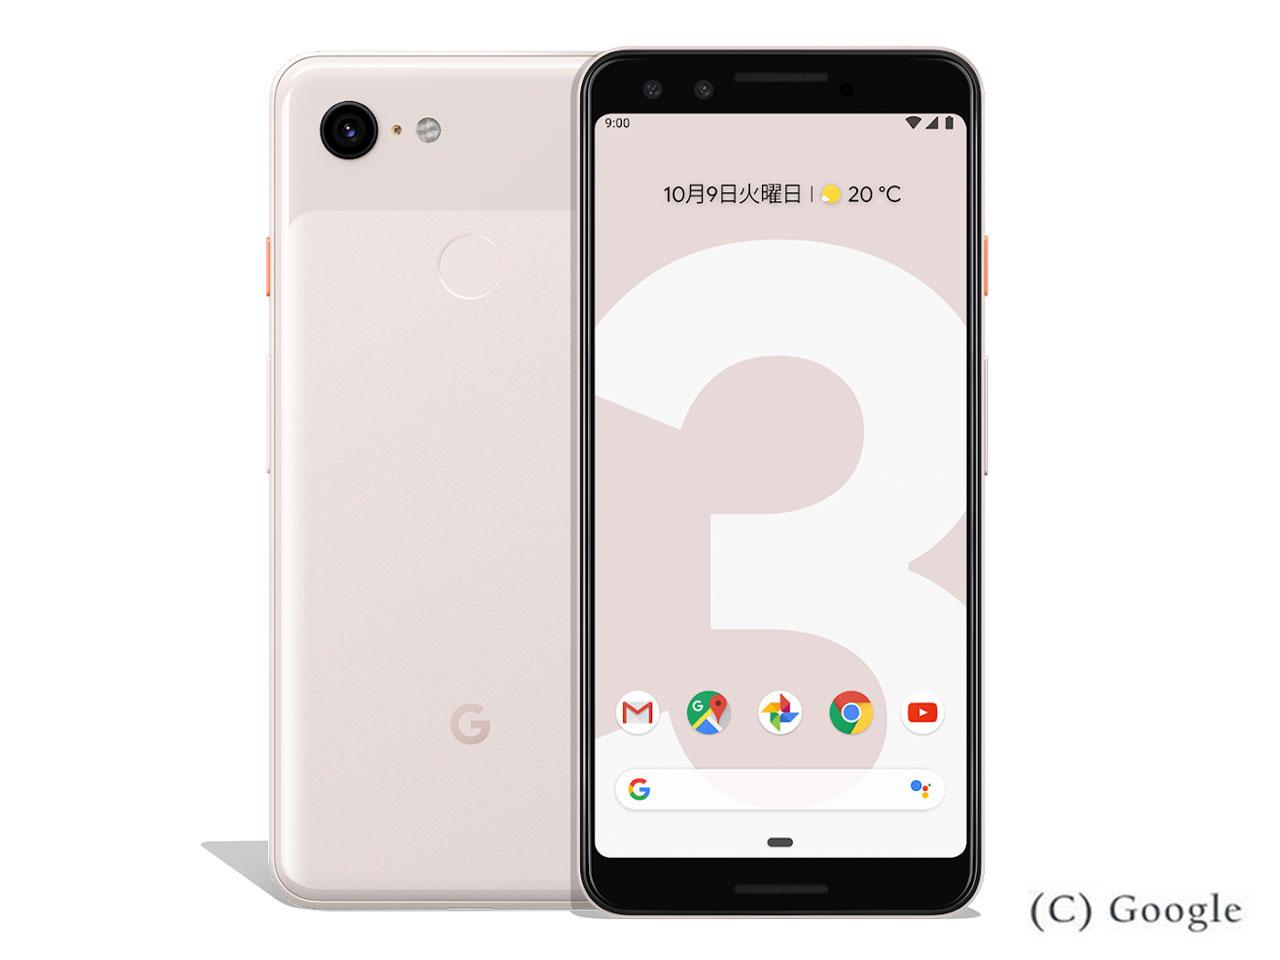 Google Pixel 3 64GB SIMフリー [ノット ピンク] の製品画像